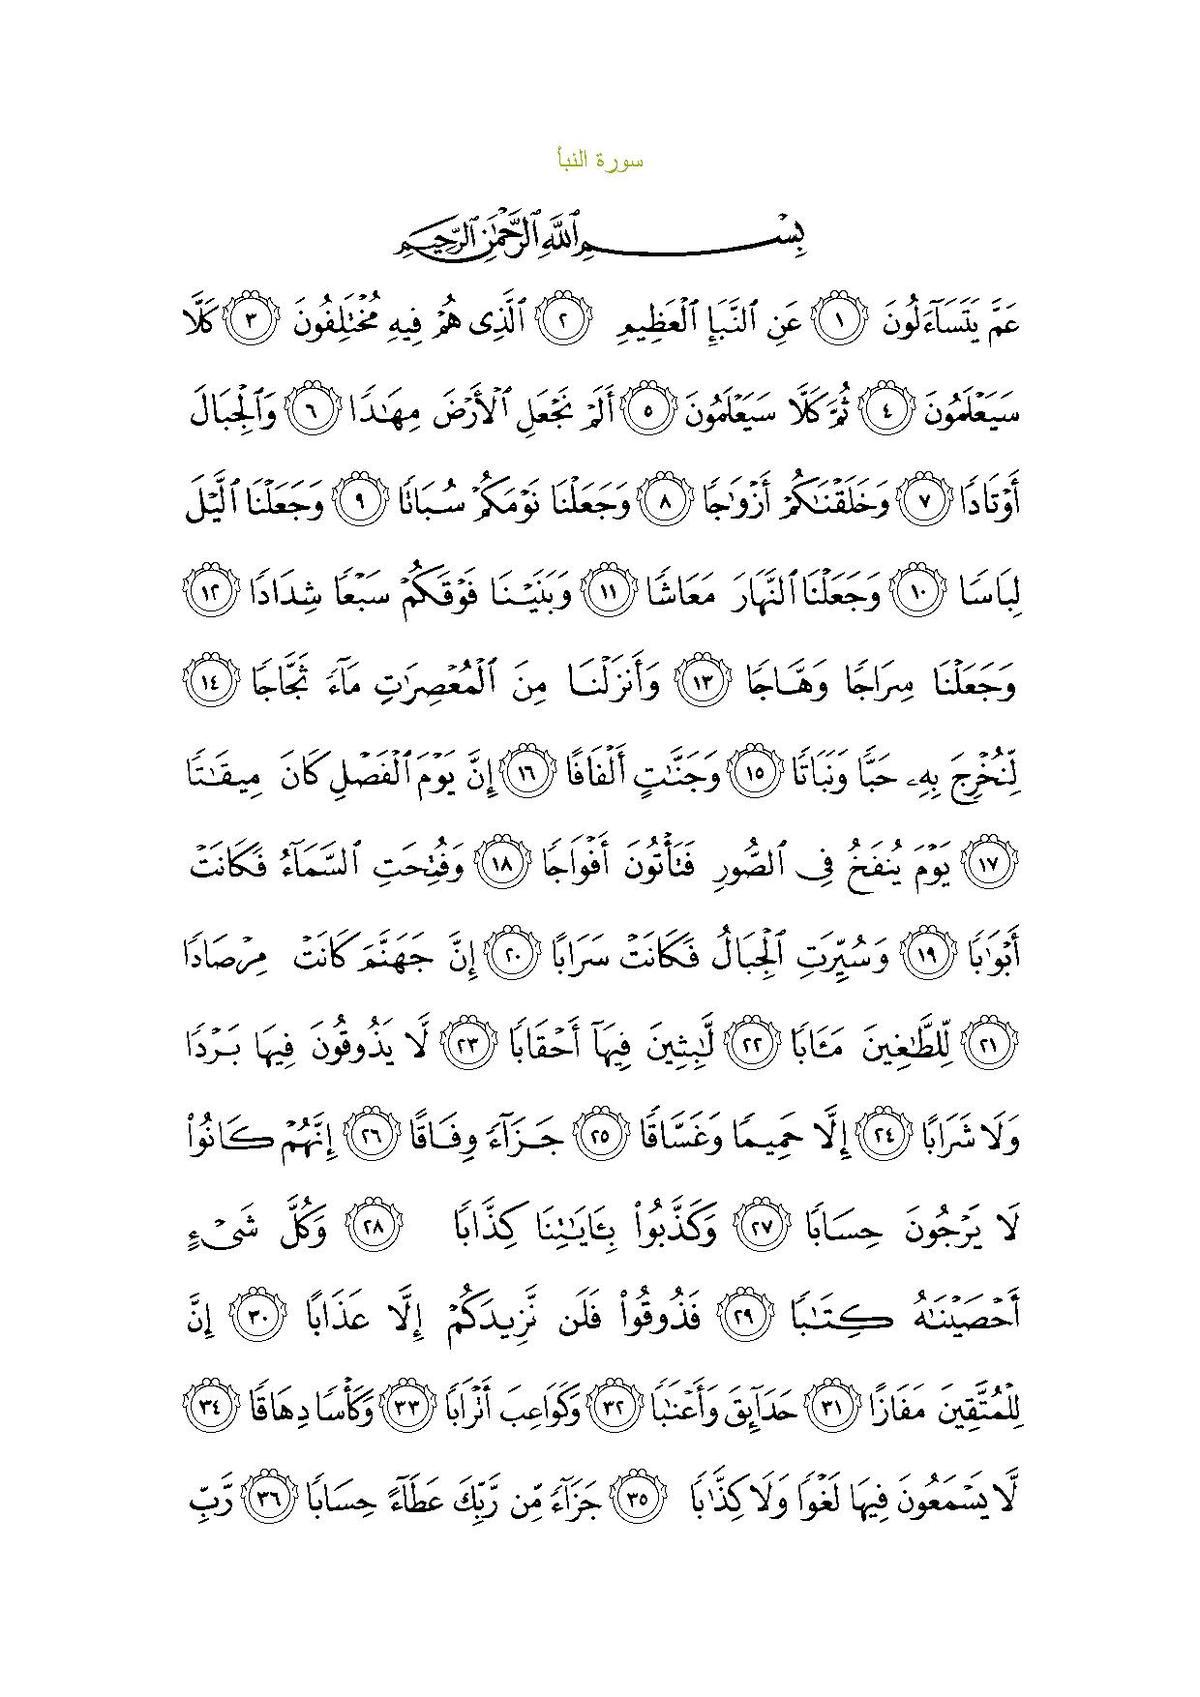 فصل صفحات من ملف pdf